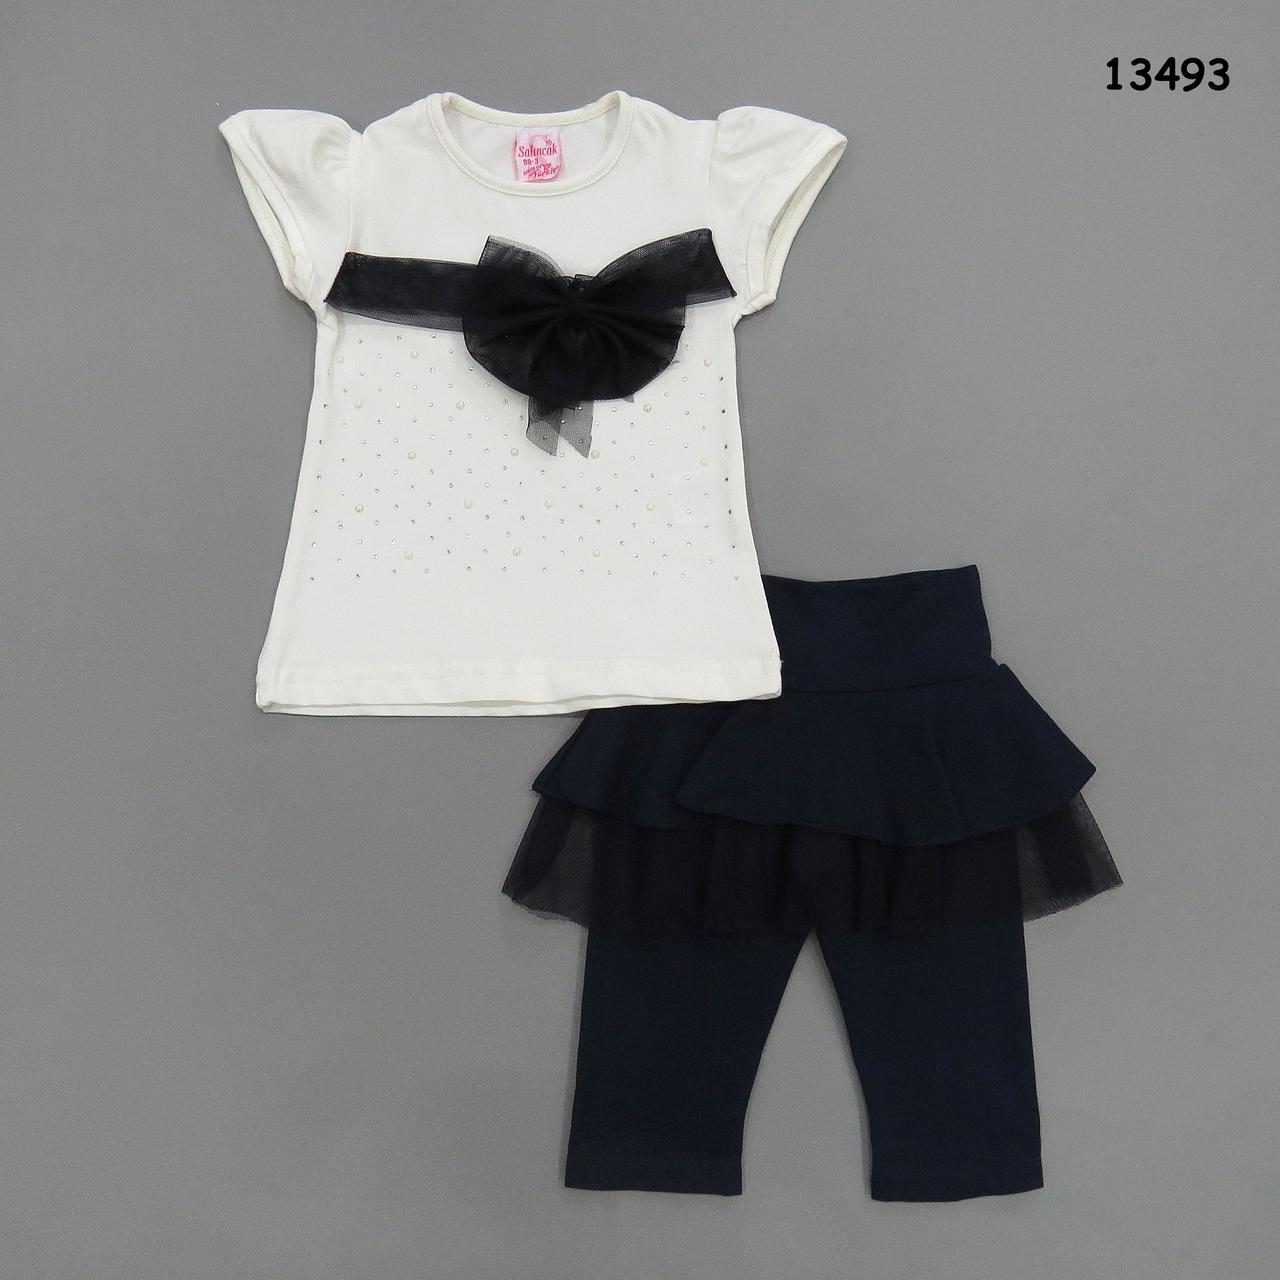 Летний костюм для девочки. Маломерит. 98, 104 см, фото 1